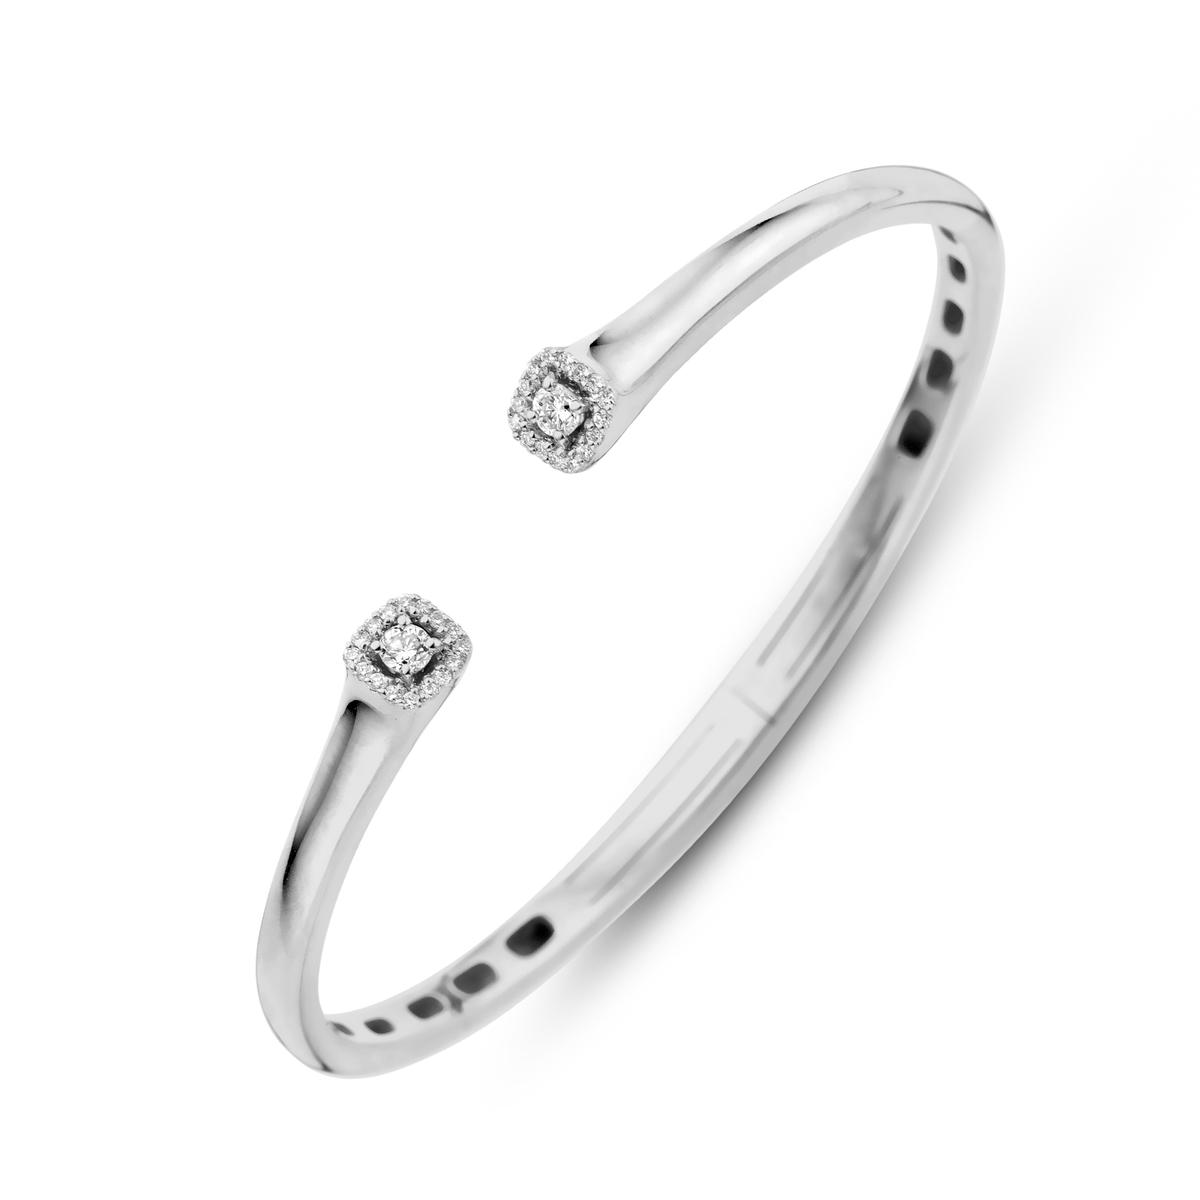 salina bracelet in white gold